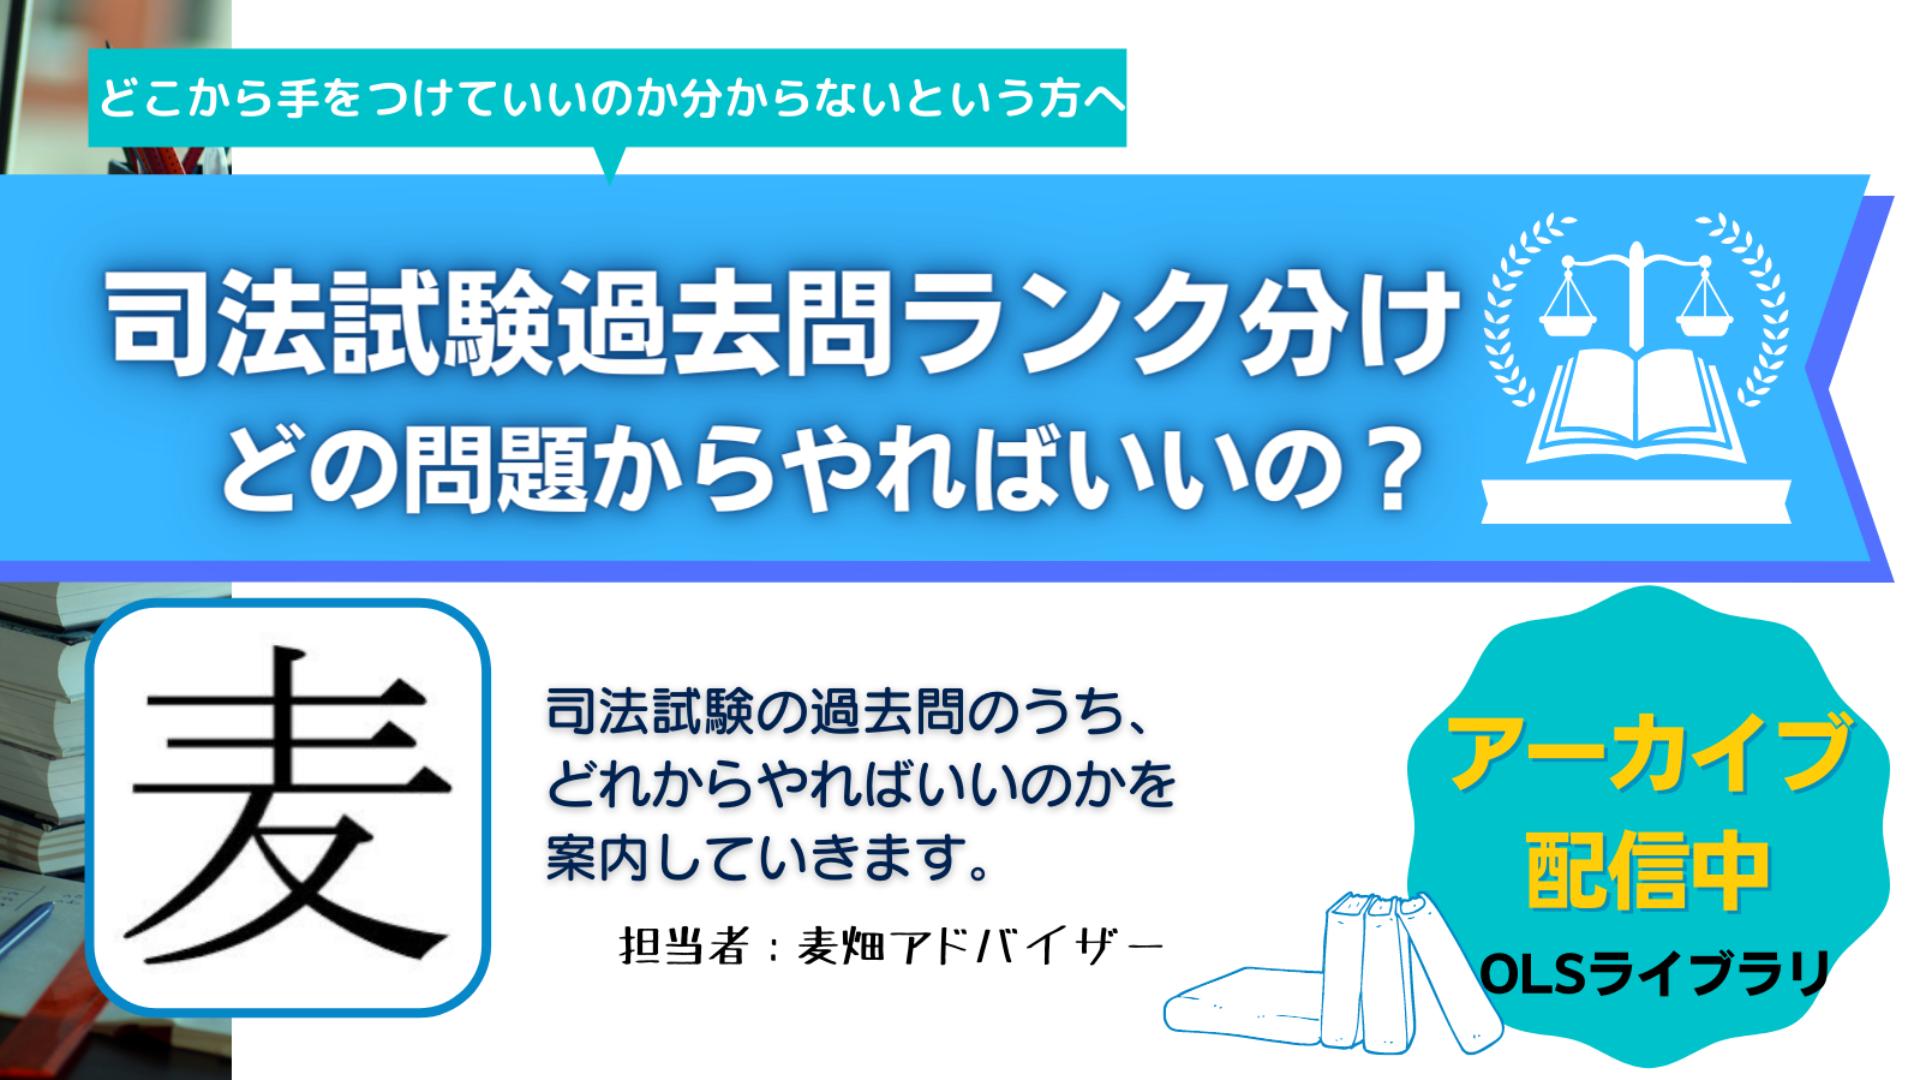 【重要問題をセレクト】司法試験過去問ランク分け(刑事系)【アーカイブ】